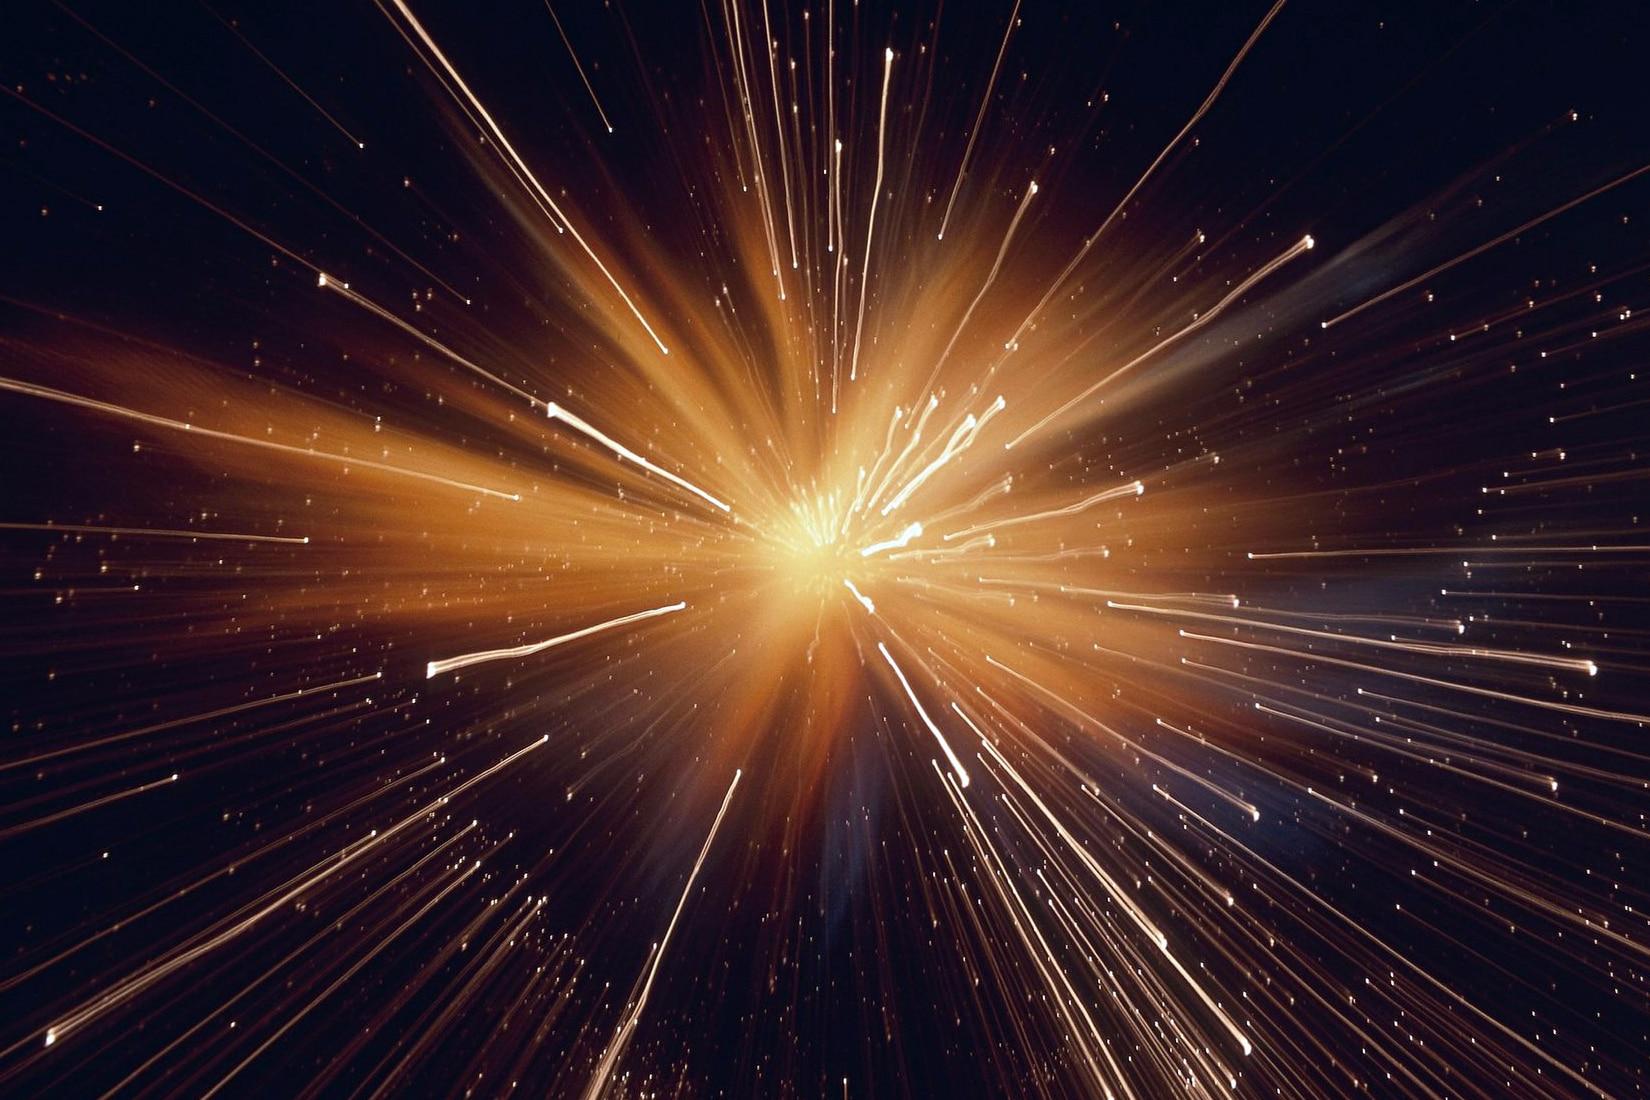 ¿Por qué hay más materia que antimateria?